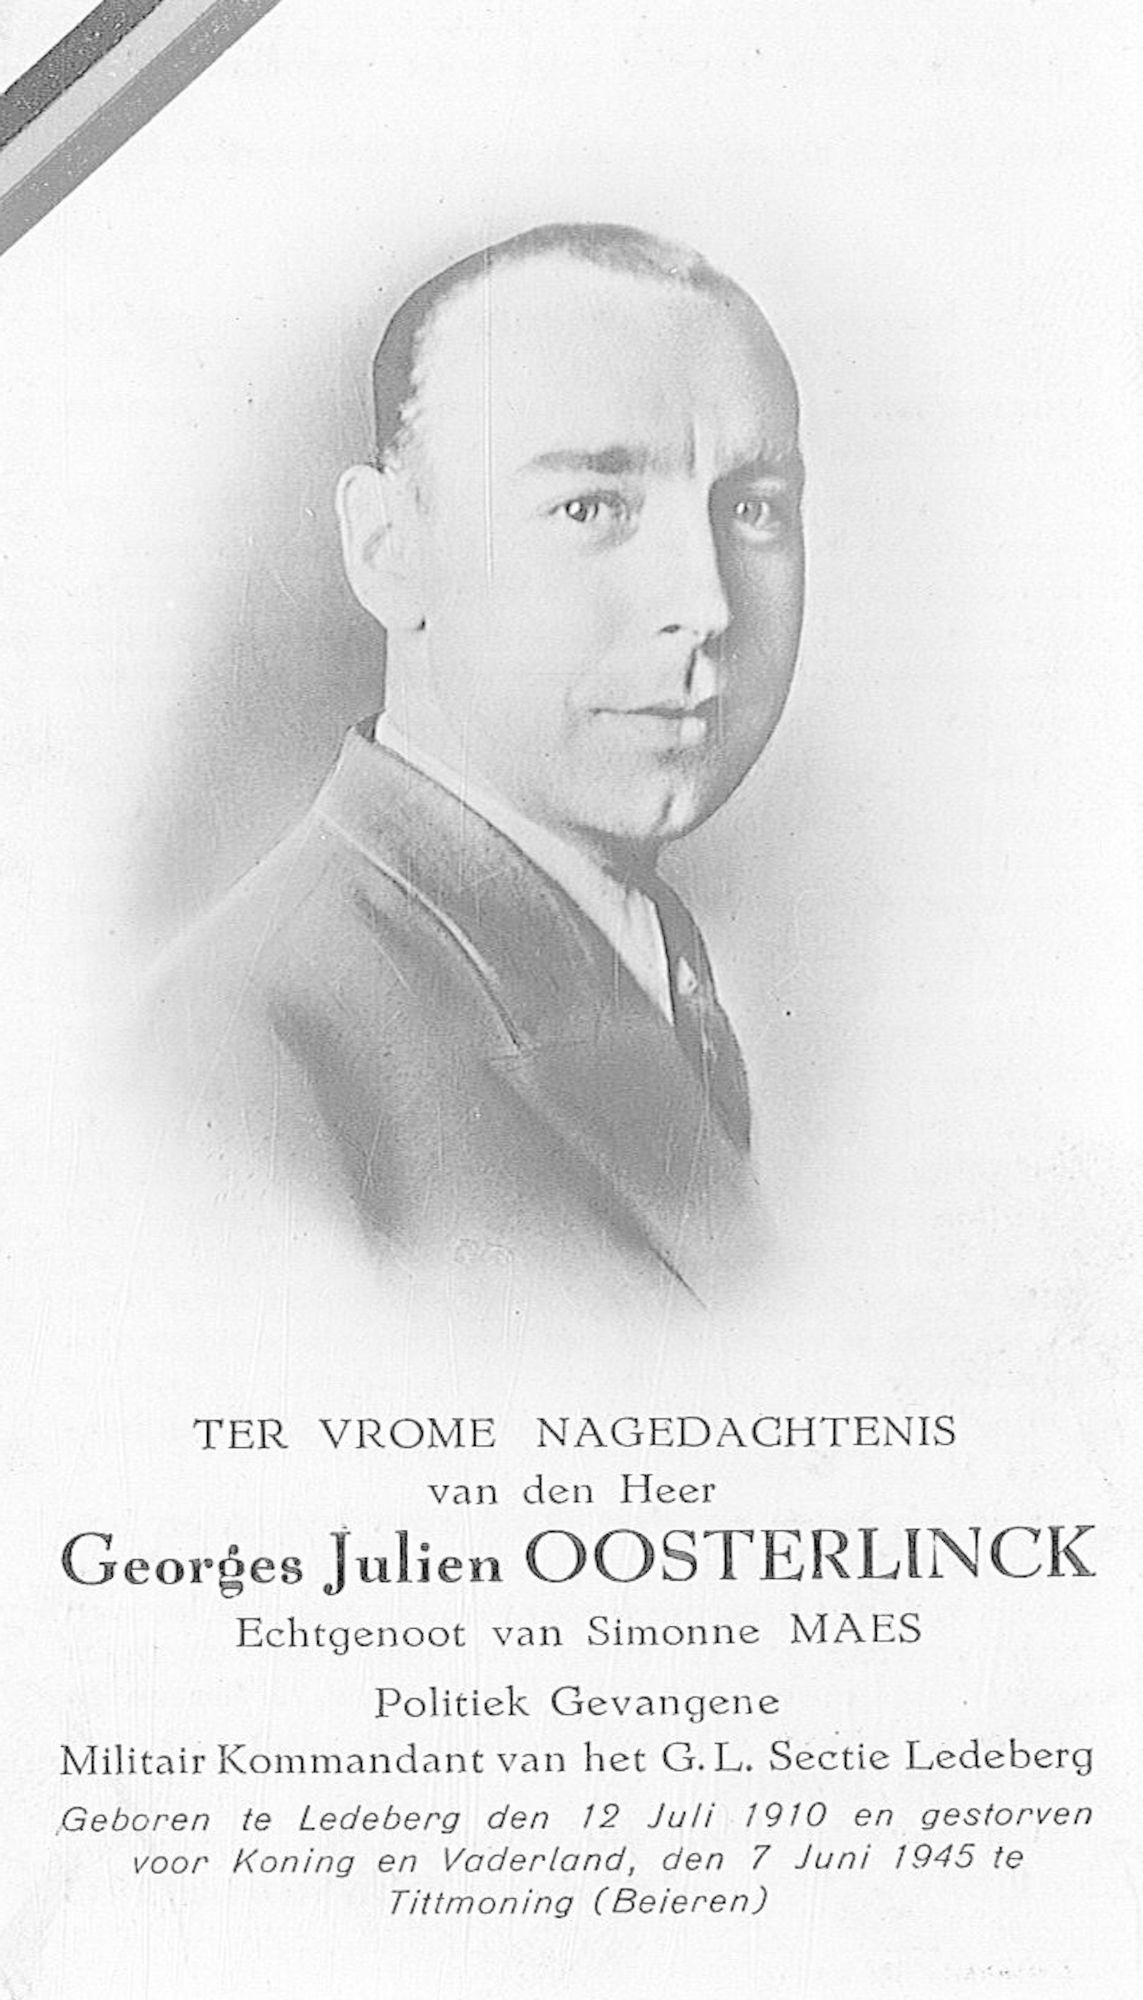 Georges-Julien Oosterlinck